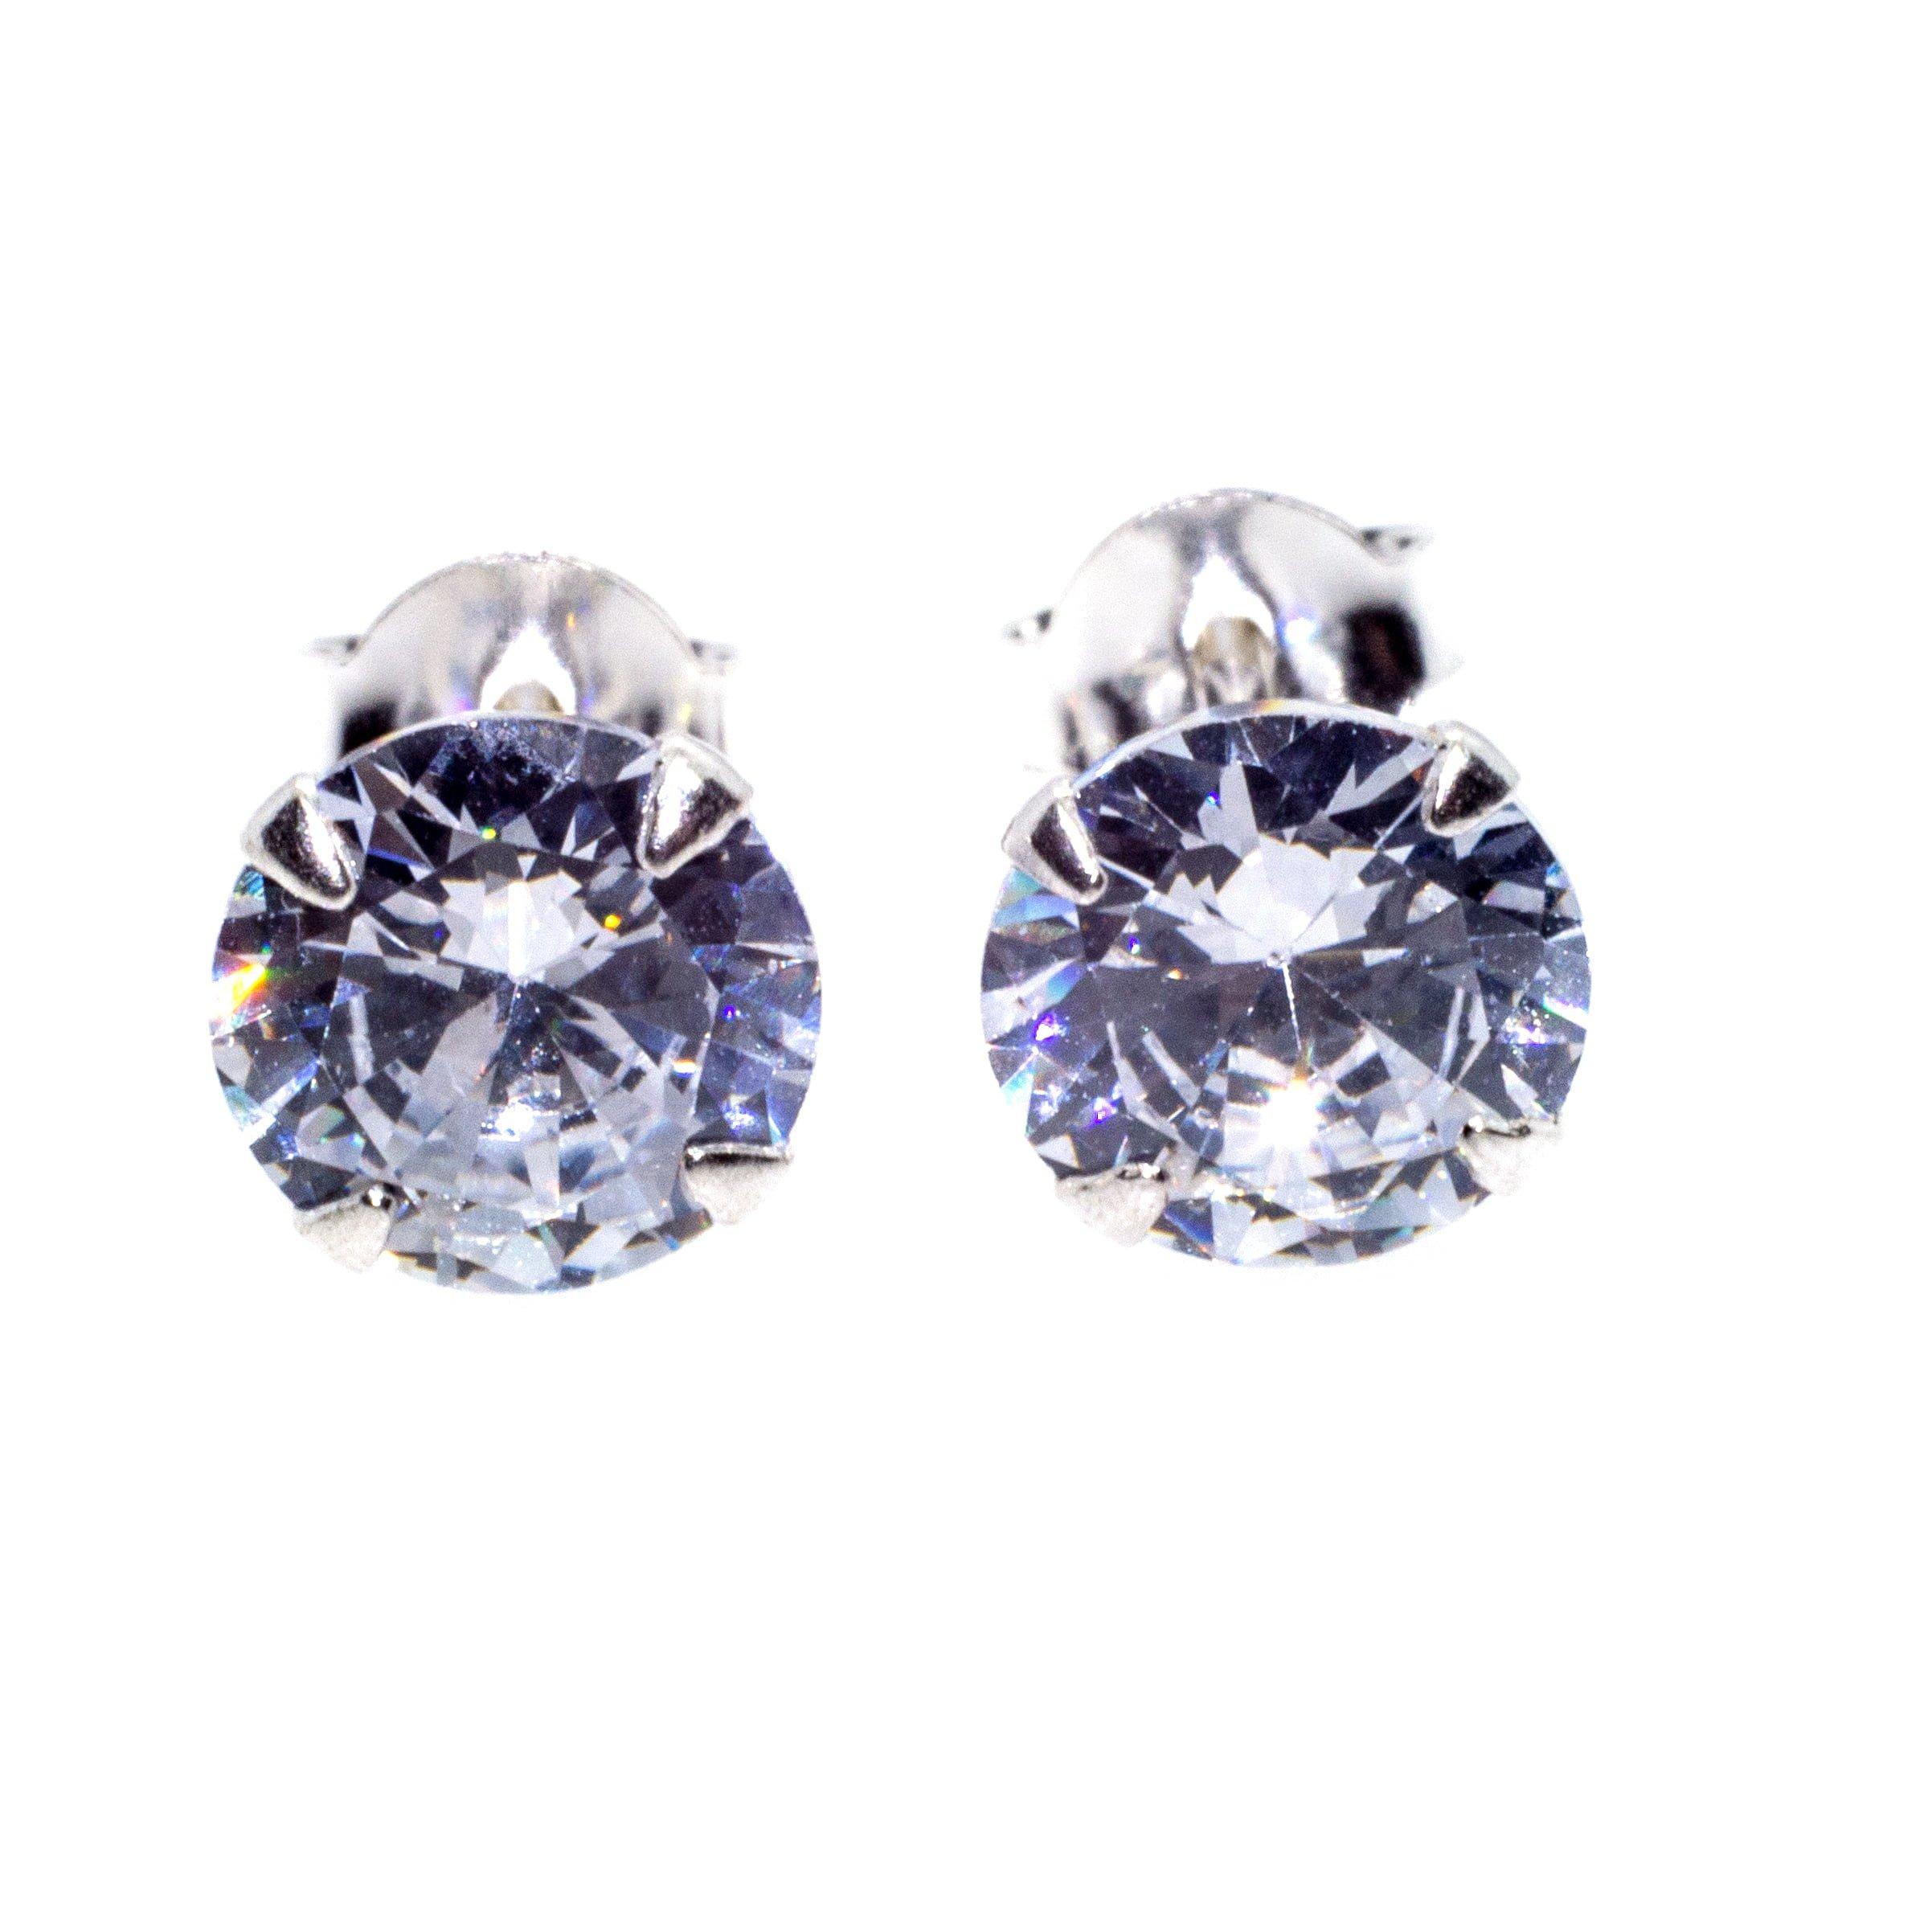 7mm silver cz stud earrings alt 1